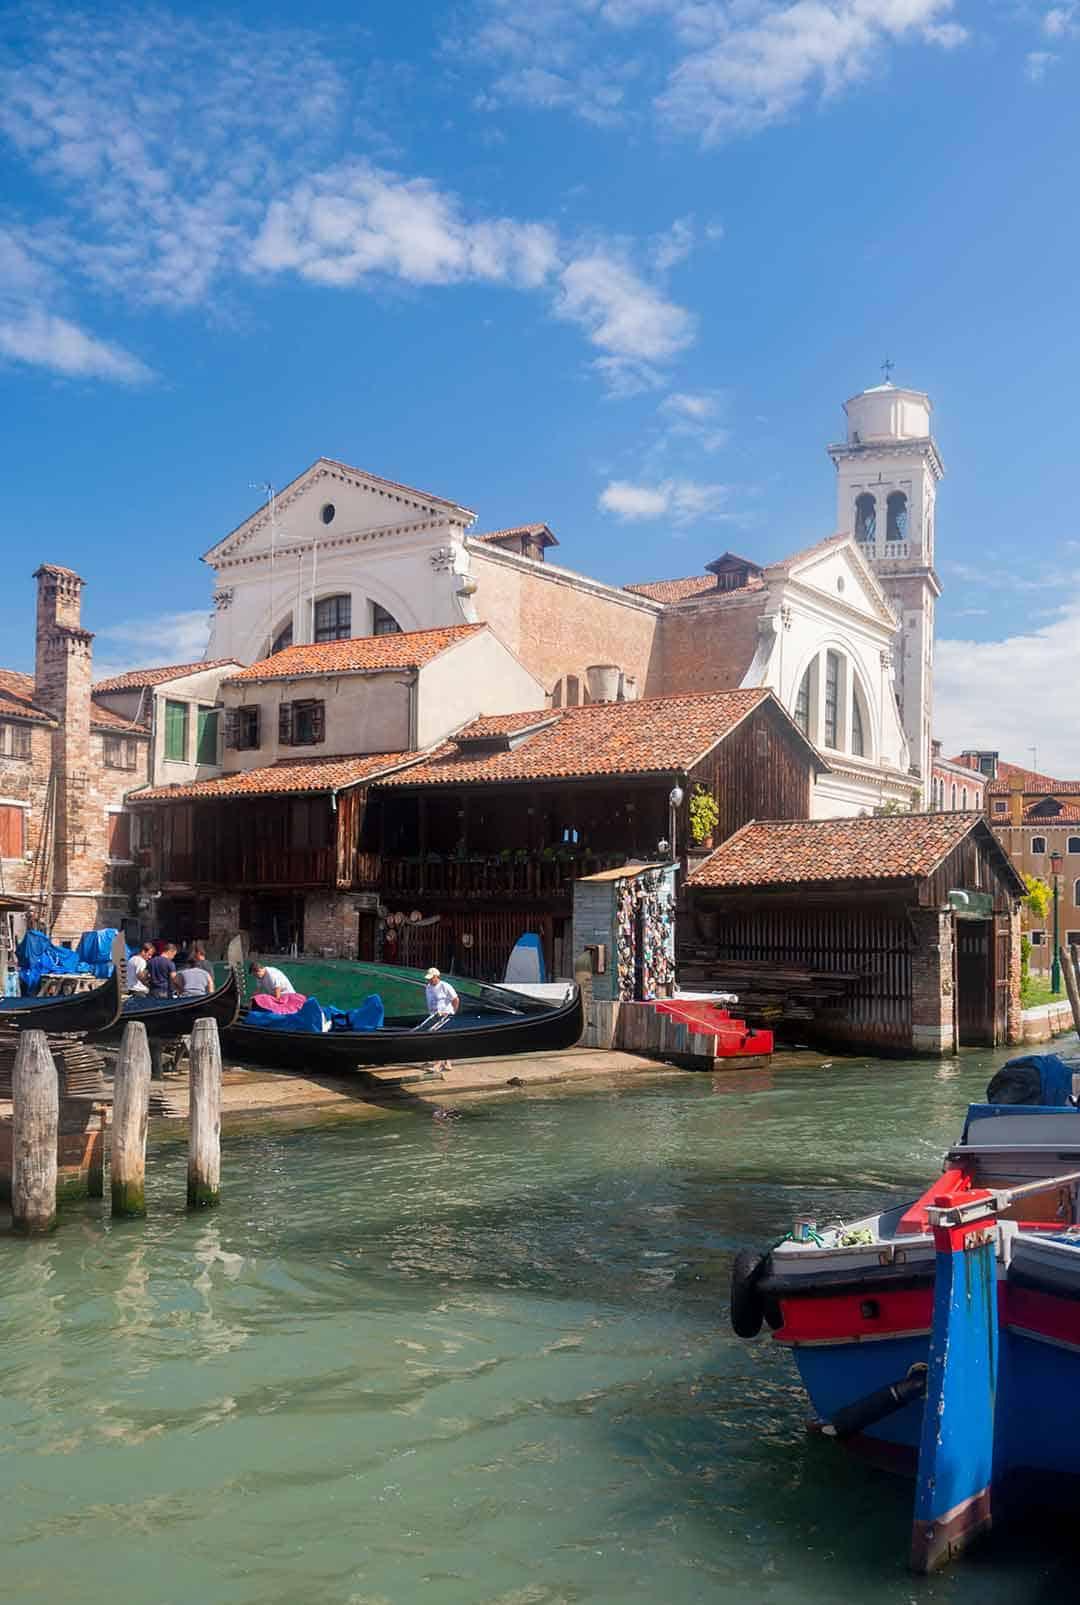 Image of Squero di San Trovaso boatyard in Venice Italy